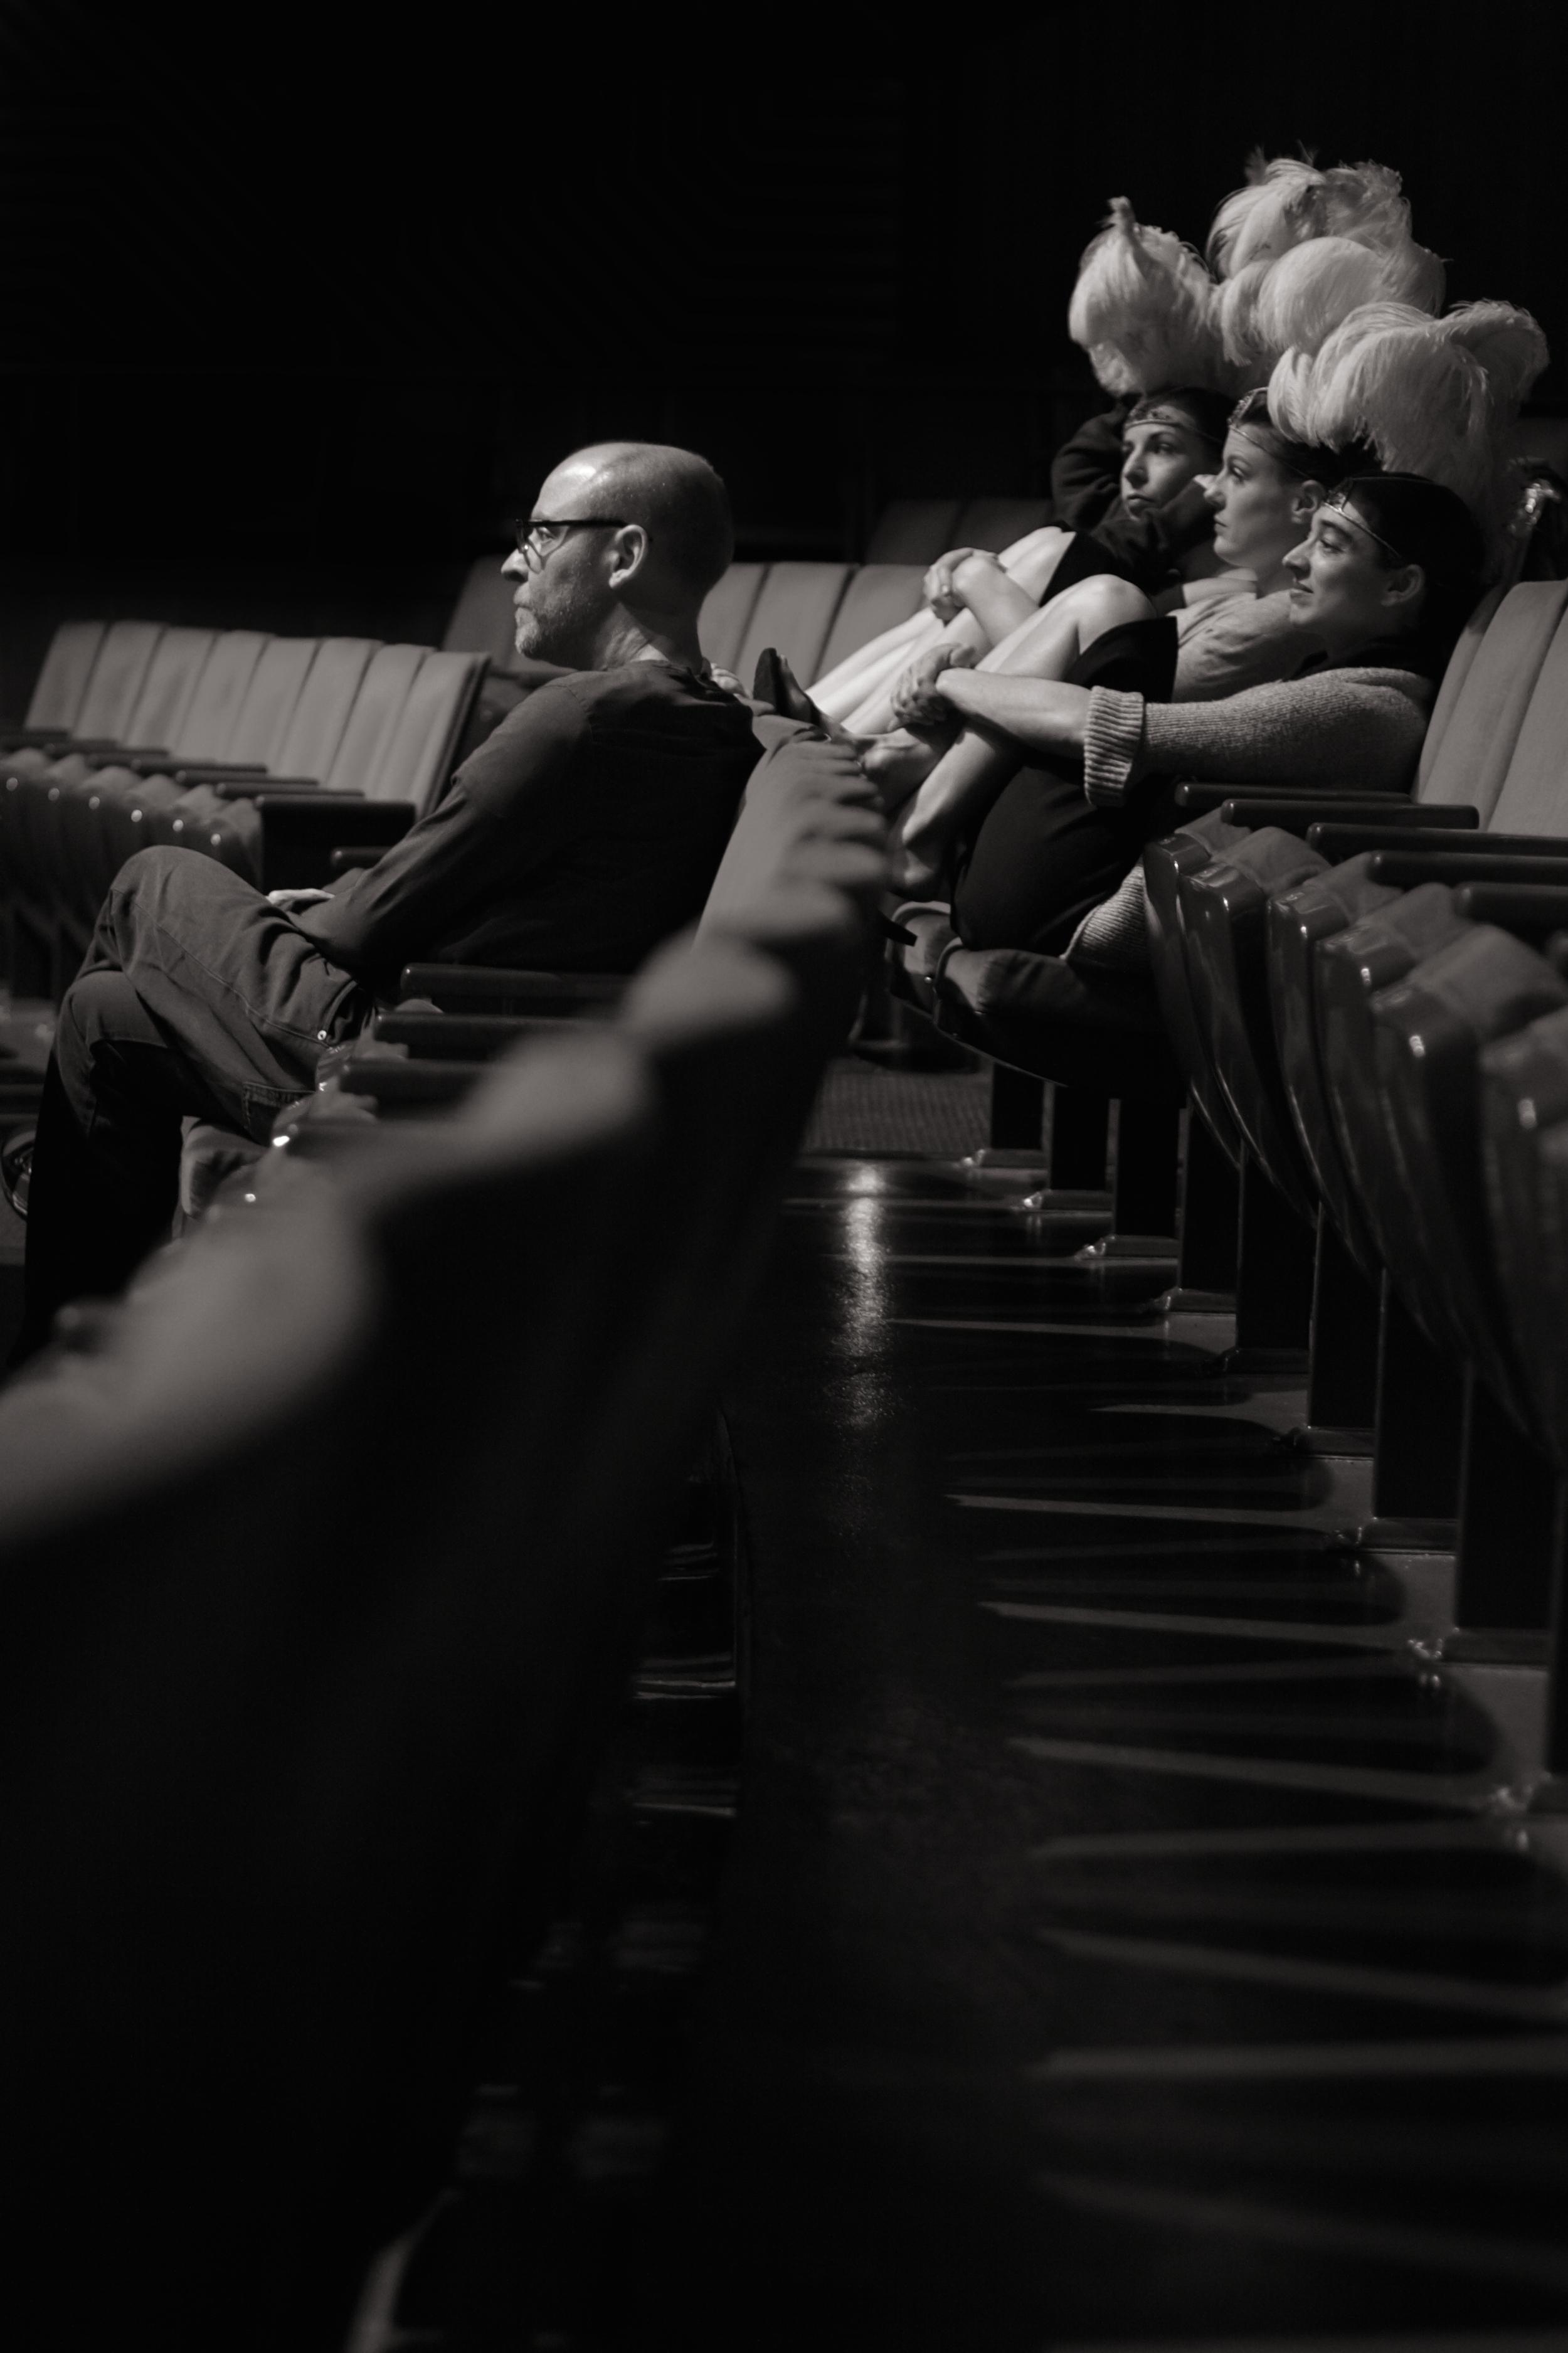 David Rakoff Waits With Dancers